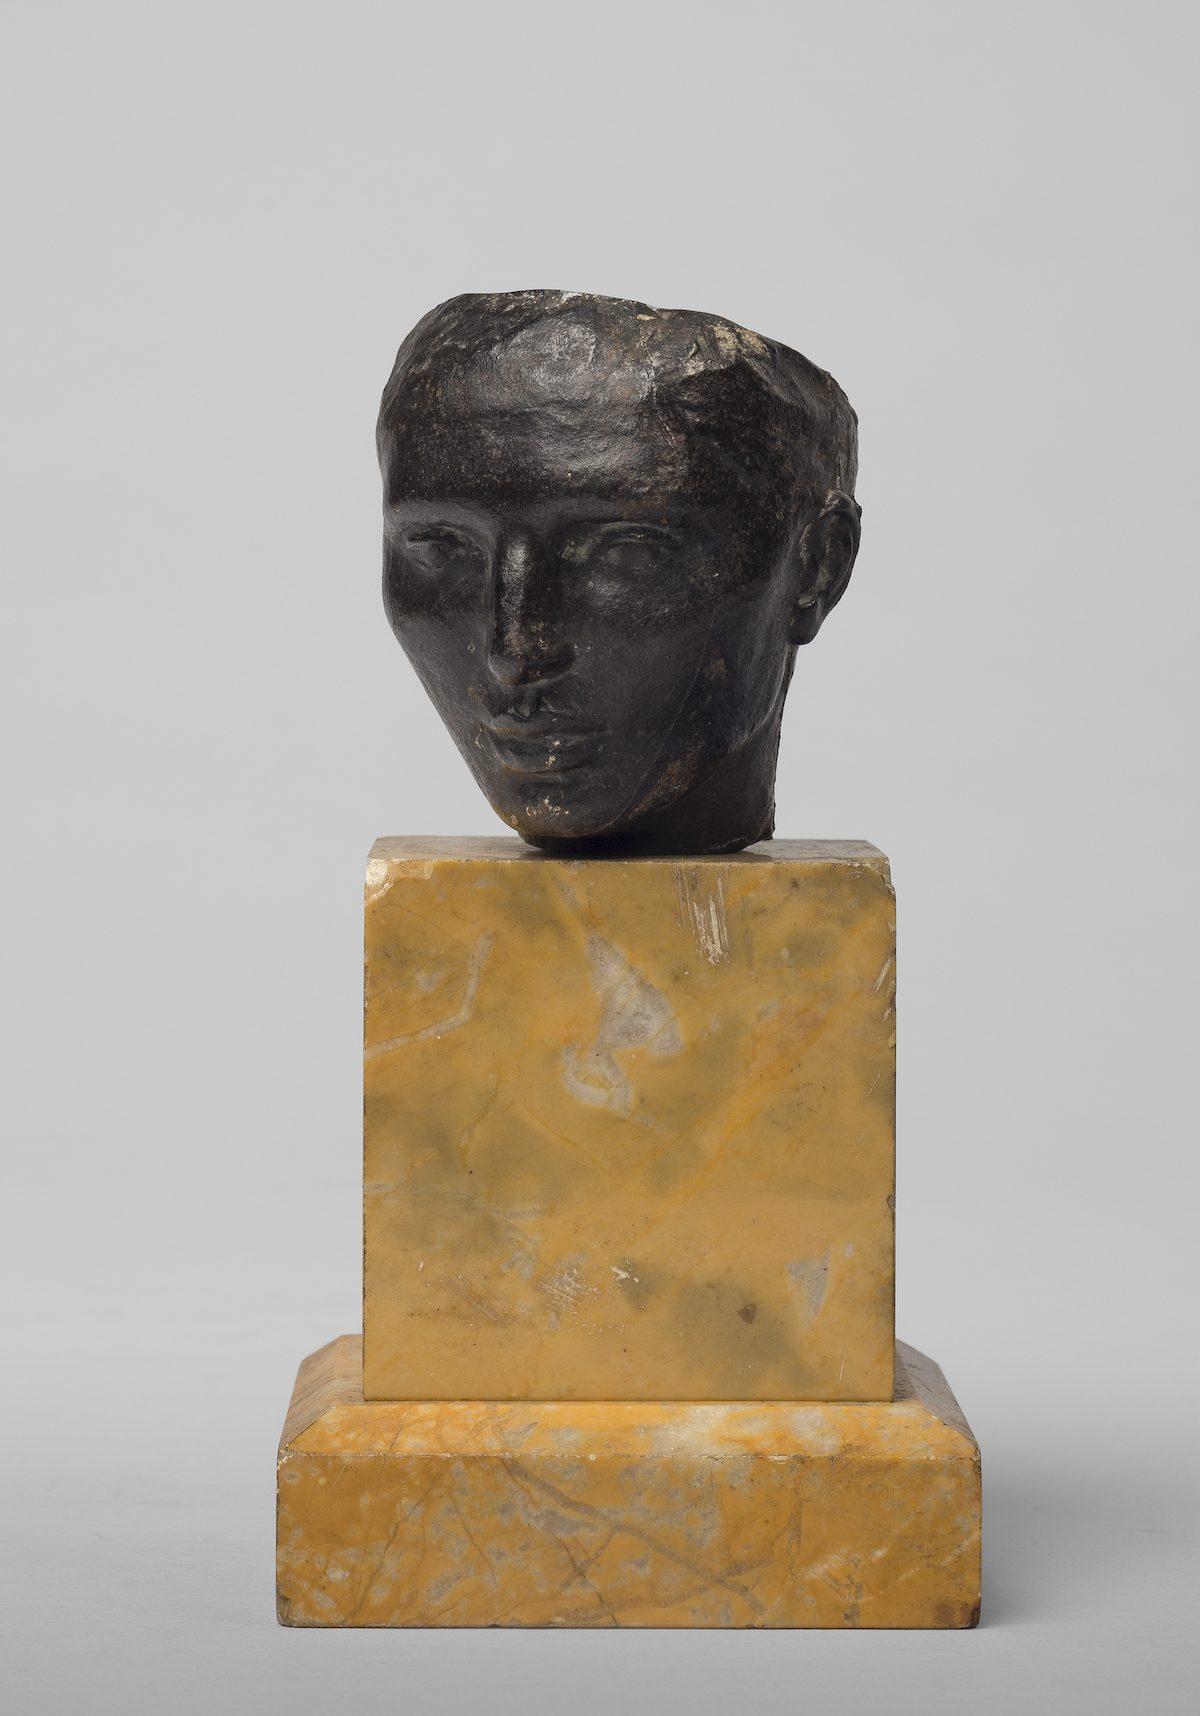 Renée Sintenis, Kleines Selbstbildnis, 1916/1917, © Staatliche Museen zu Berlin, Nationalgalerie / Bernd Sinterhauf / VG Bild-Kunst, Bonn 2019